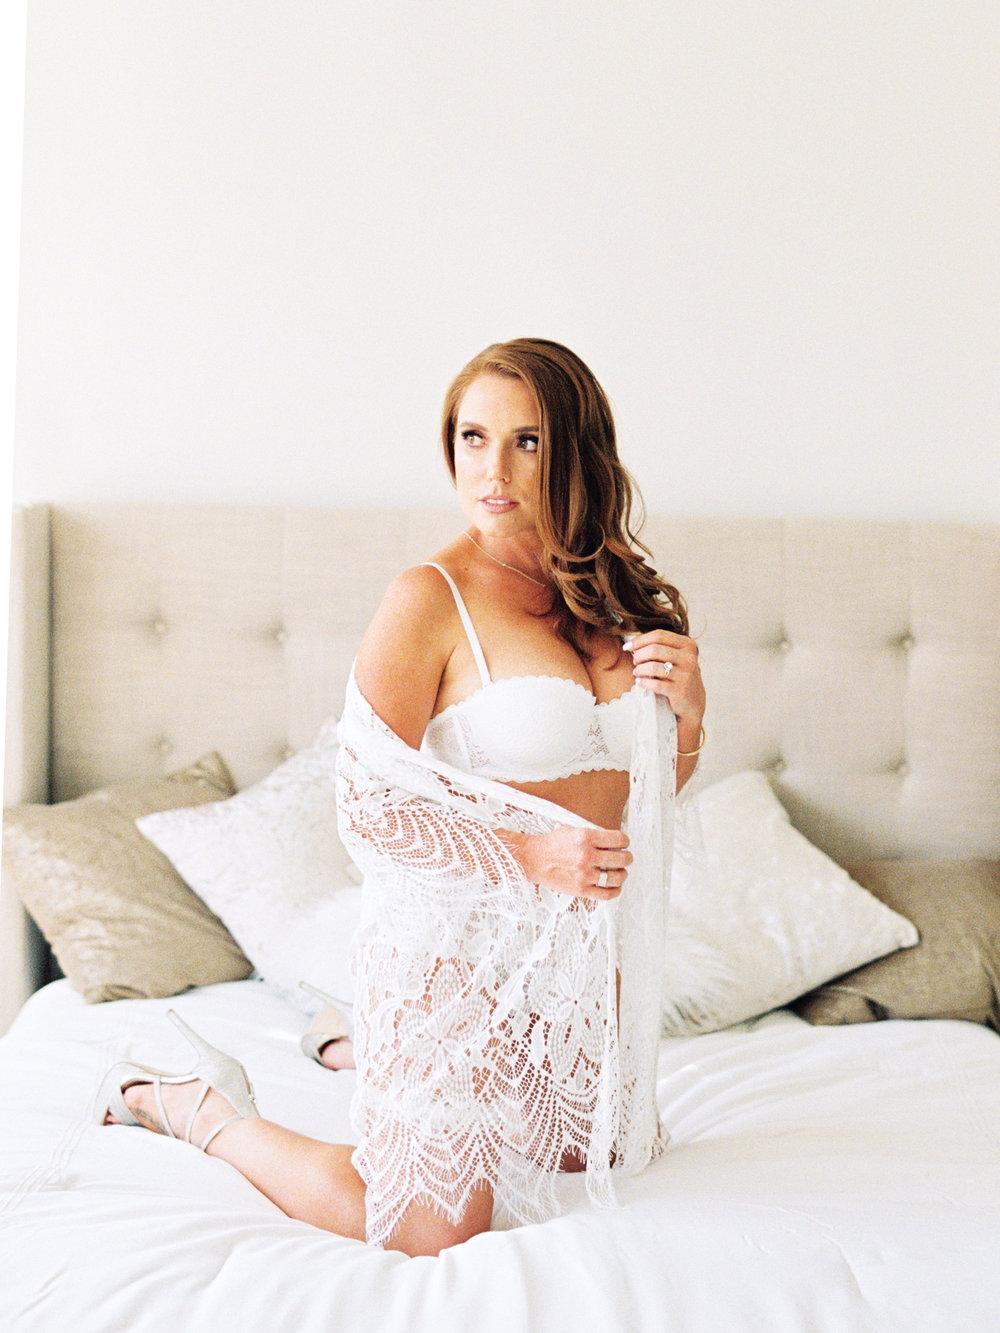 dennisroycoronel_bridal_boudoir_orangecounty_losangeles_photographer-23.jpg